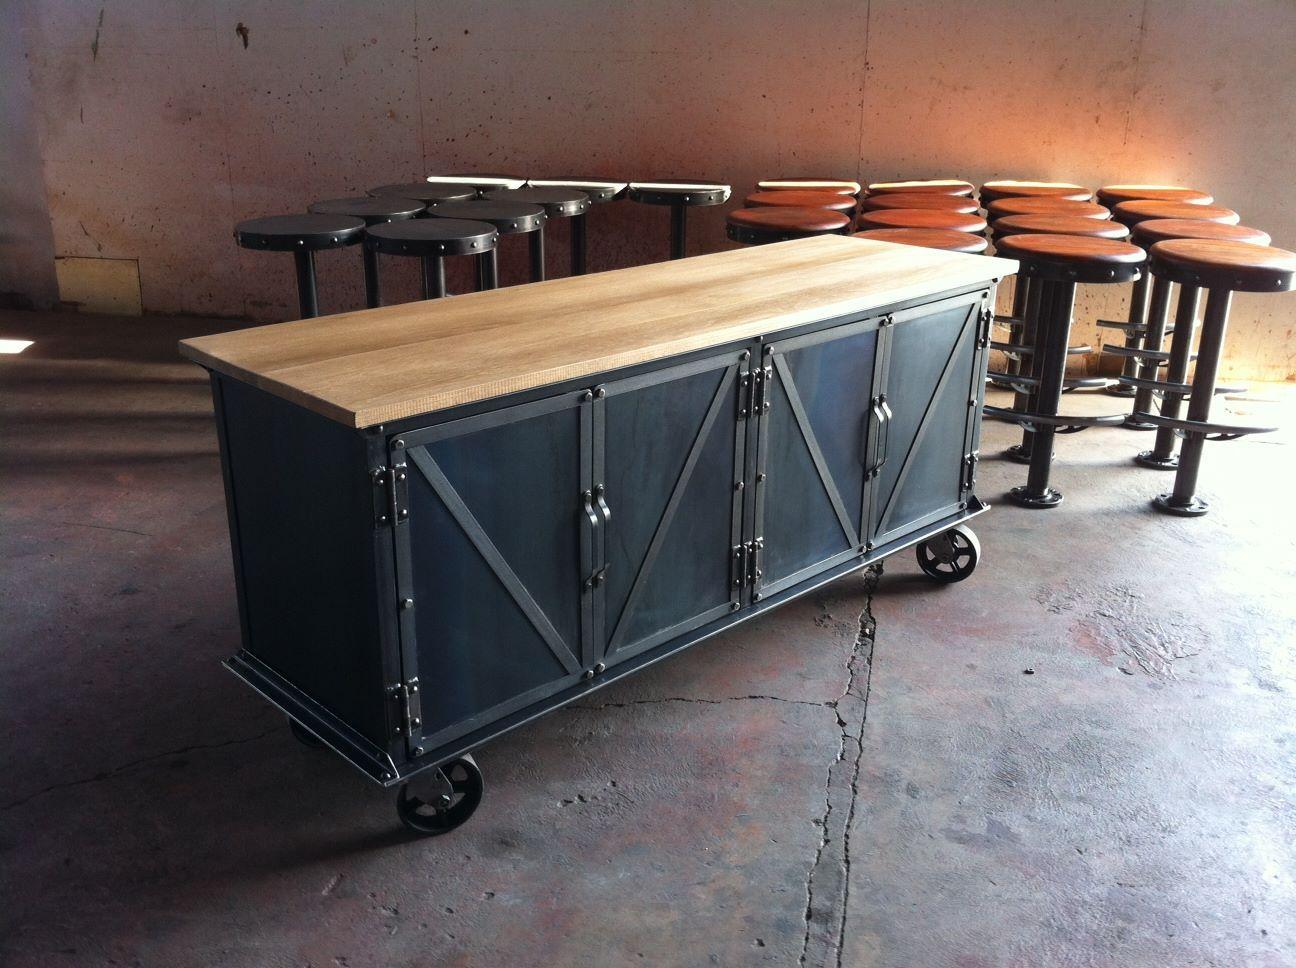 ellis sideboard with a worn oak top vintage industrial furniture design industrial furniture. Black Bedroom Furniture Sets. Home Design Ideas